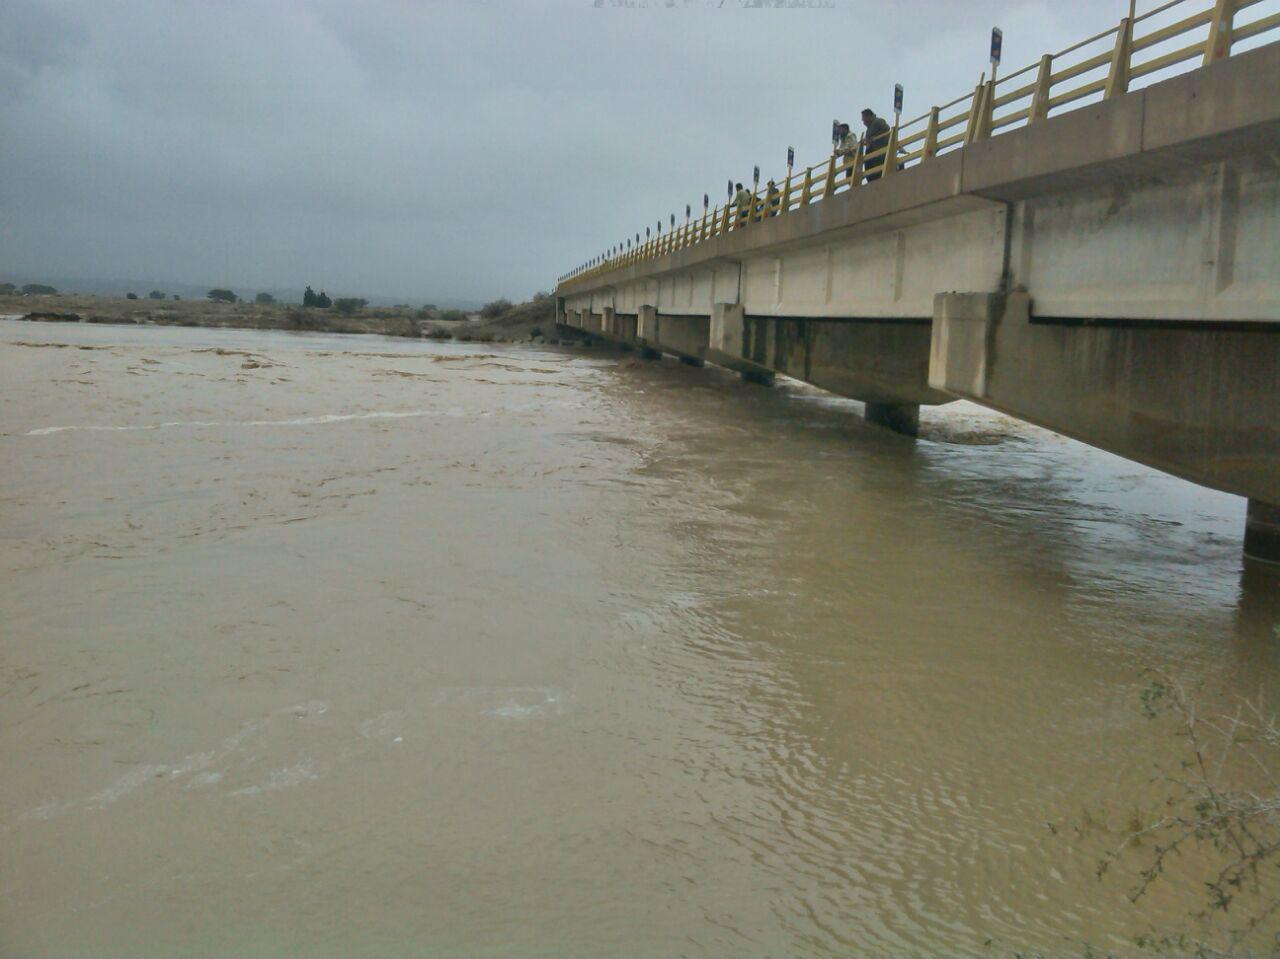 میانگین بارش در بوشهر به ۳۳ میلیمتر رسید